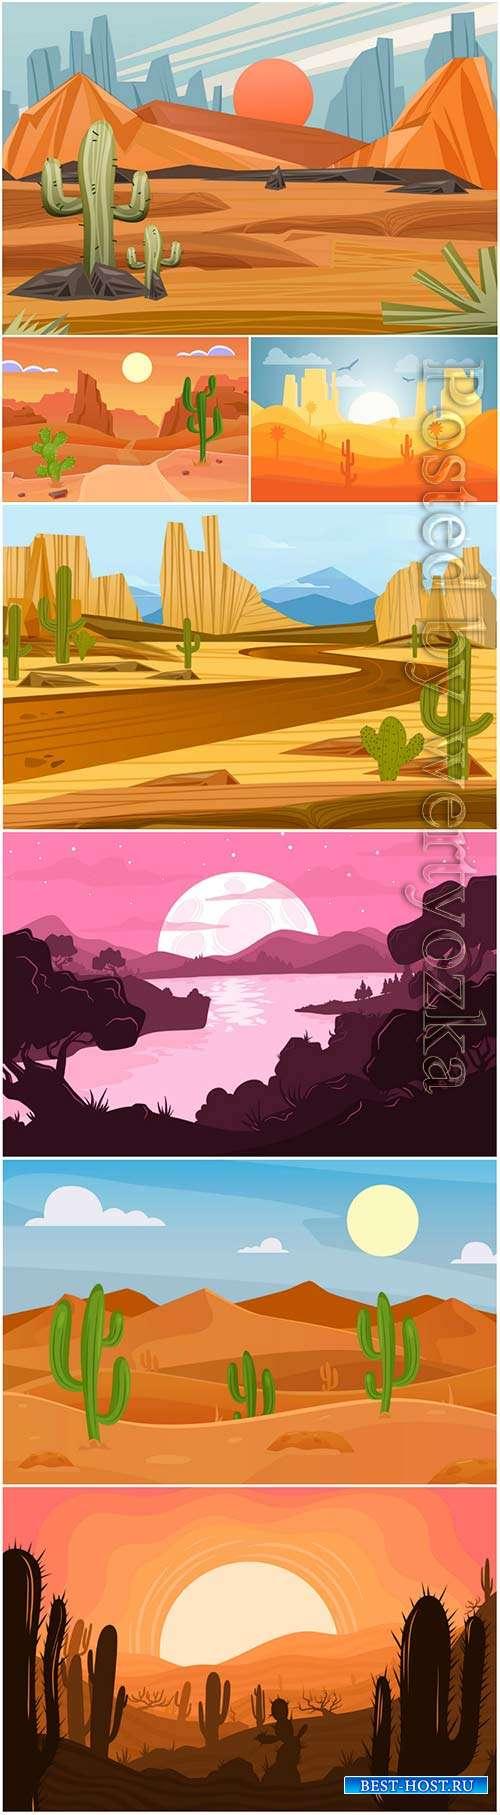 Desert landscape - background for video conferencing